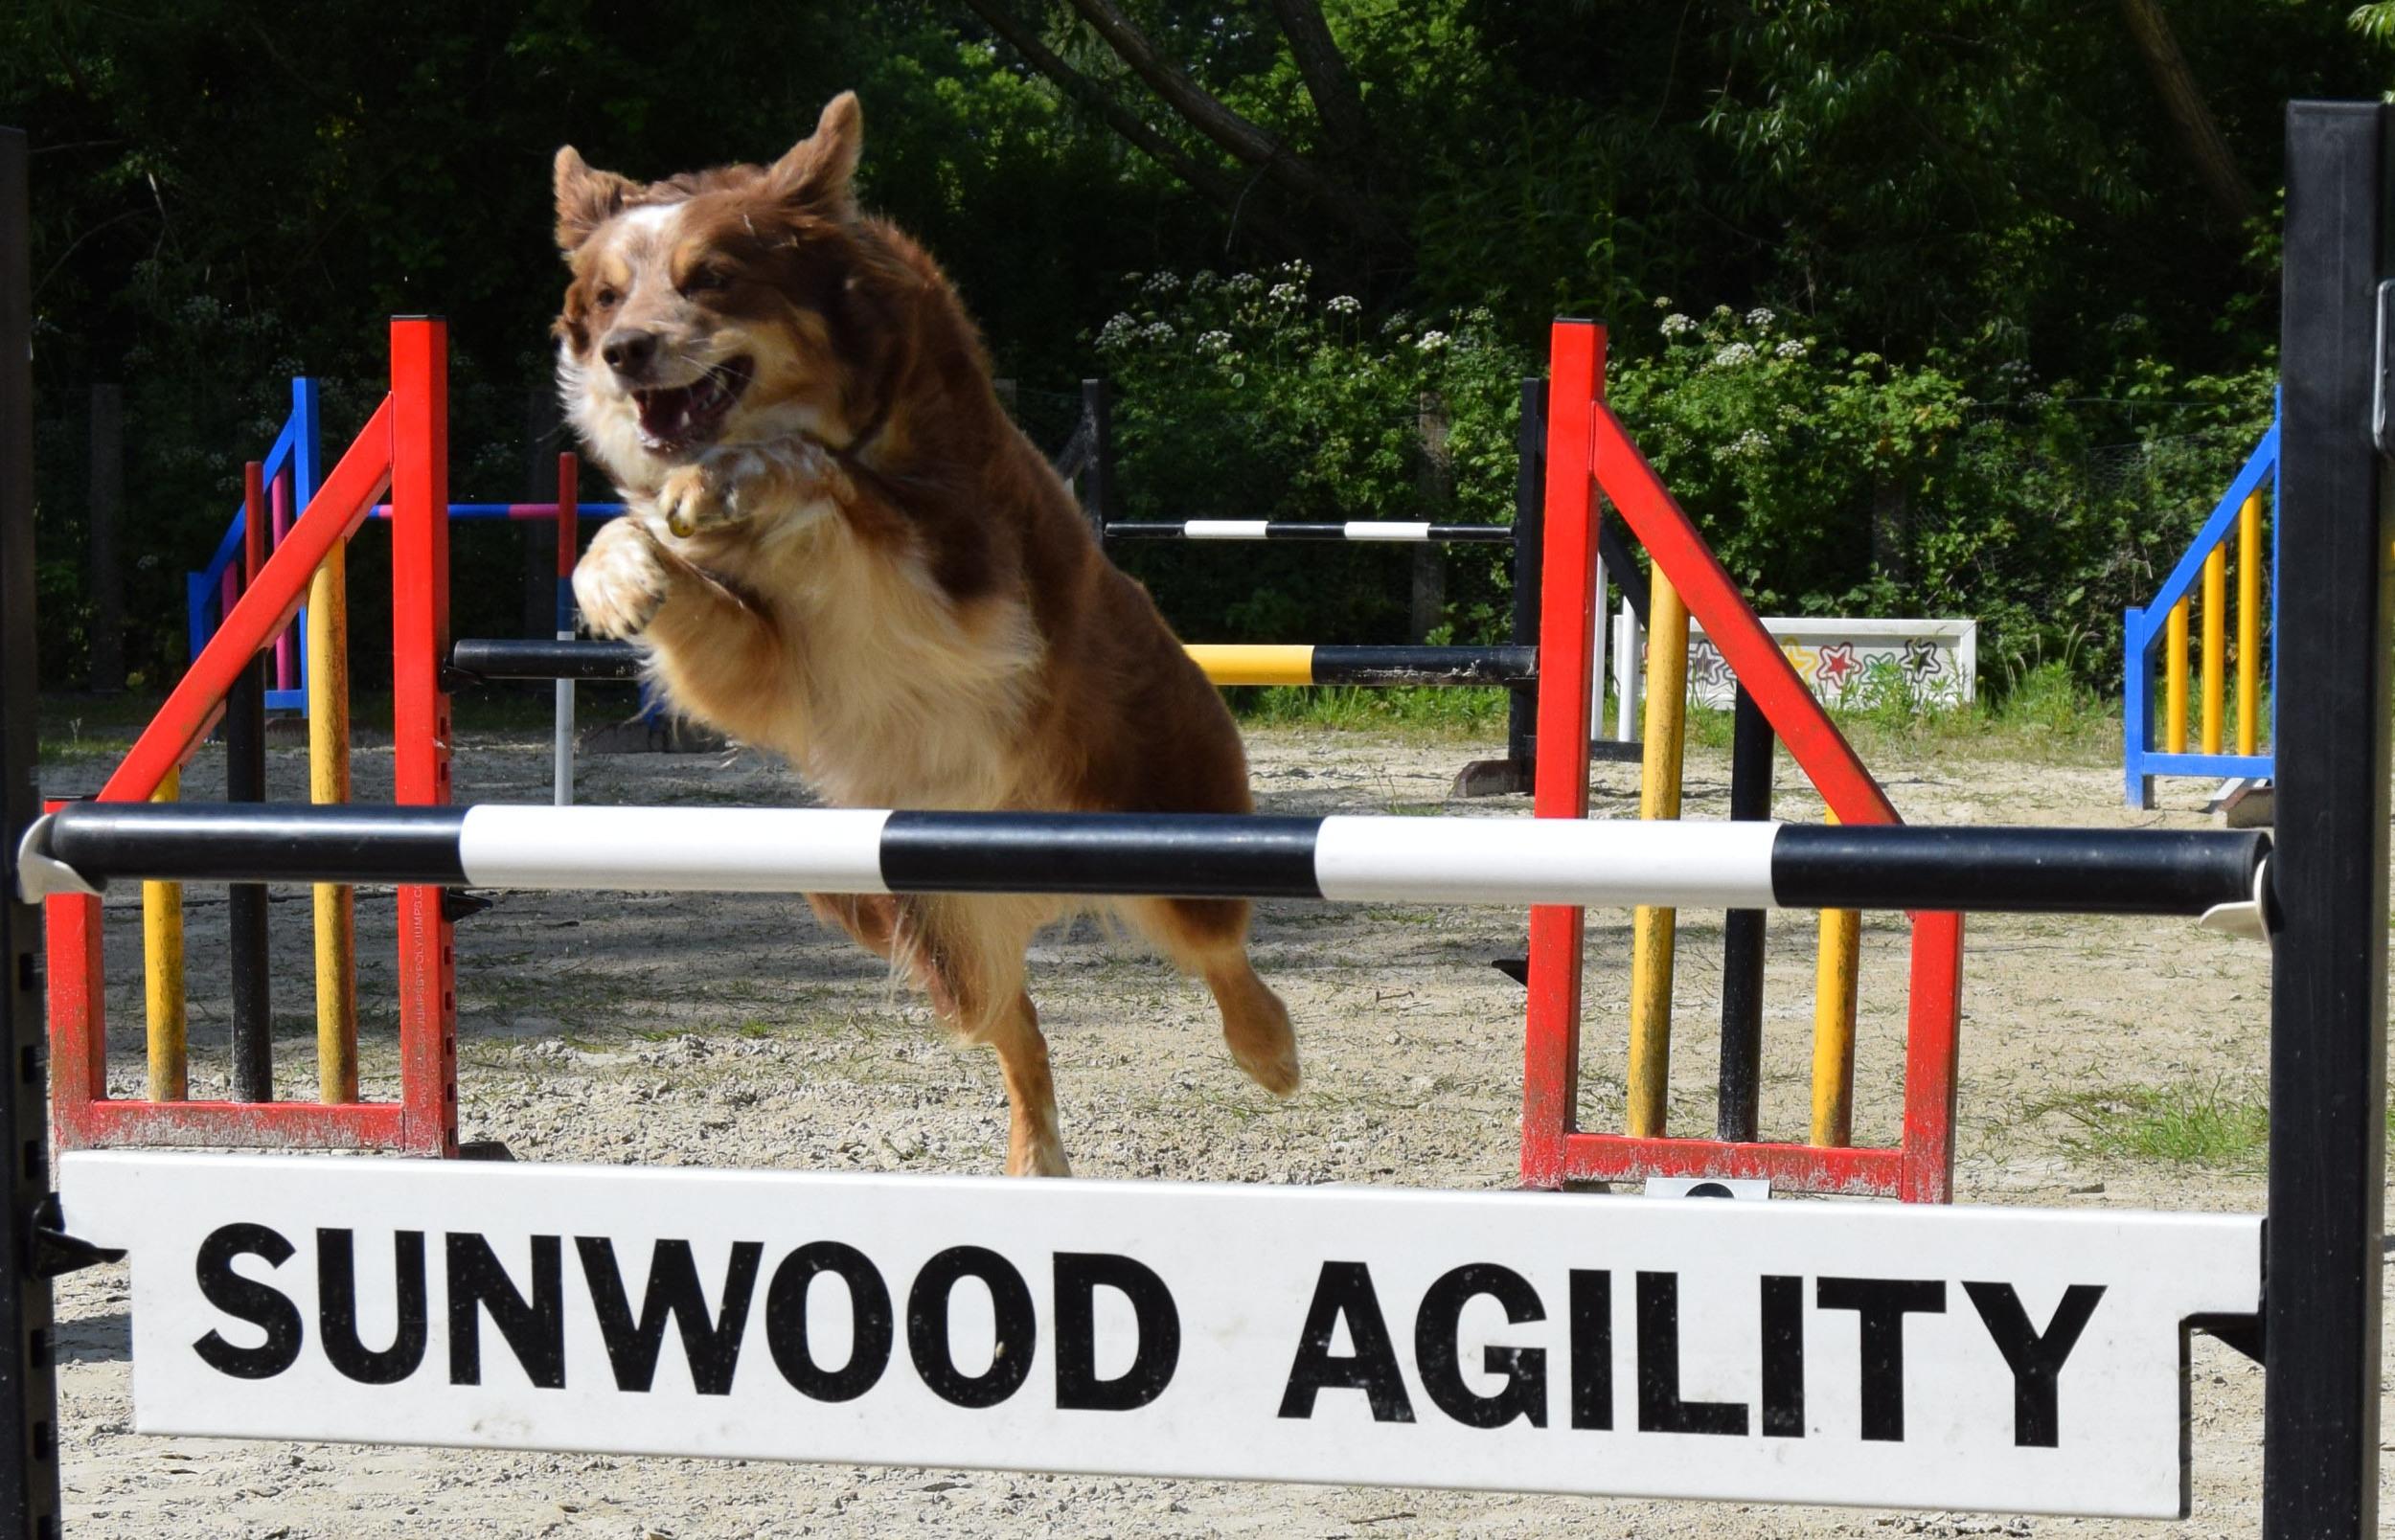 Cara 0103 jump Sunwood agility close up.jpg